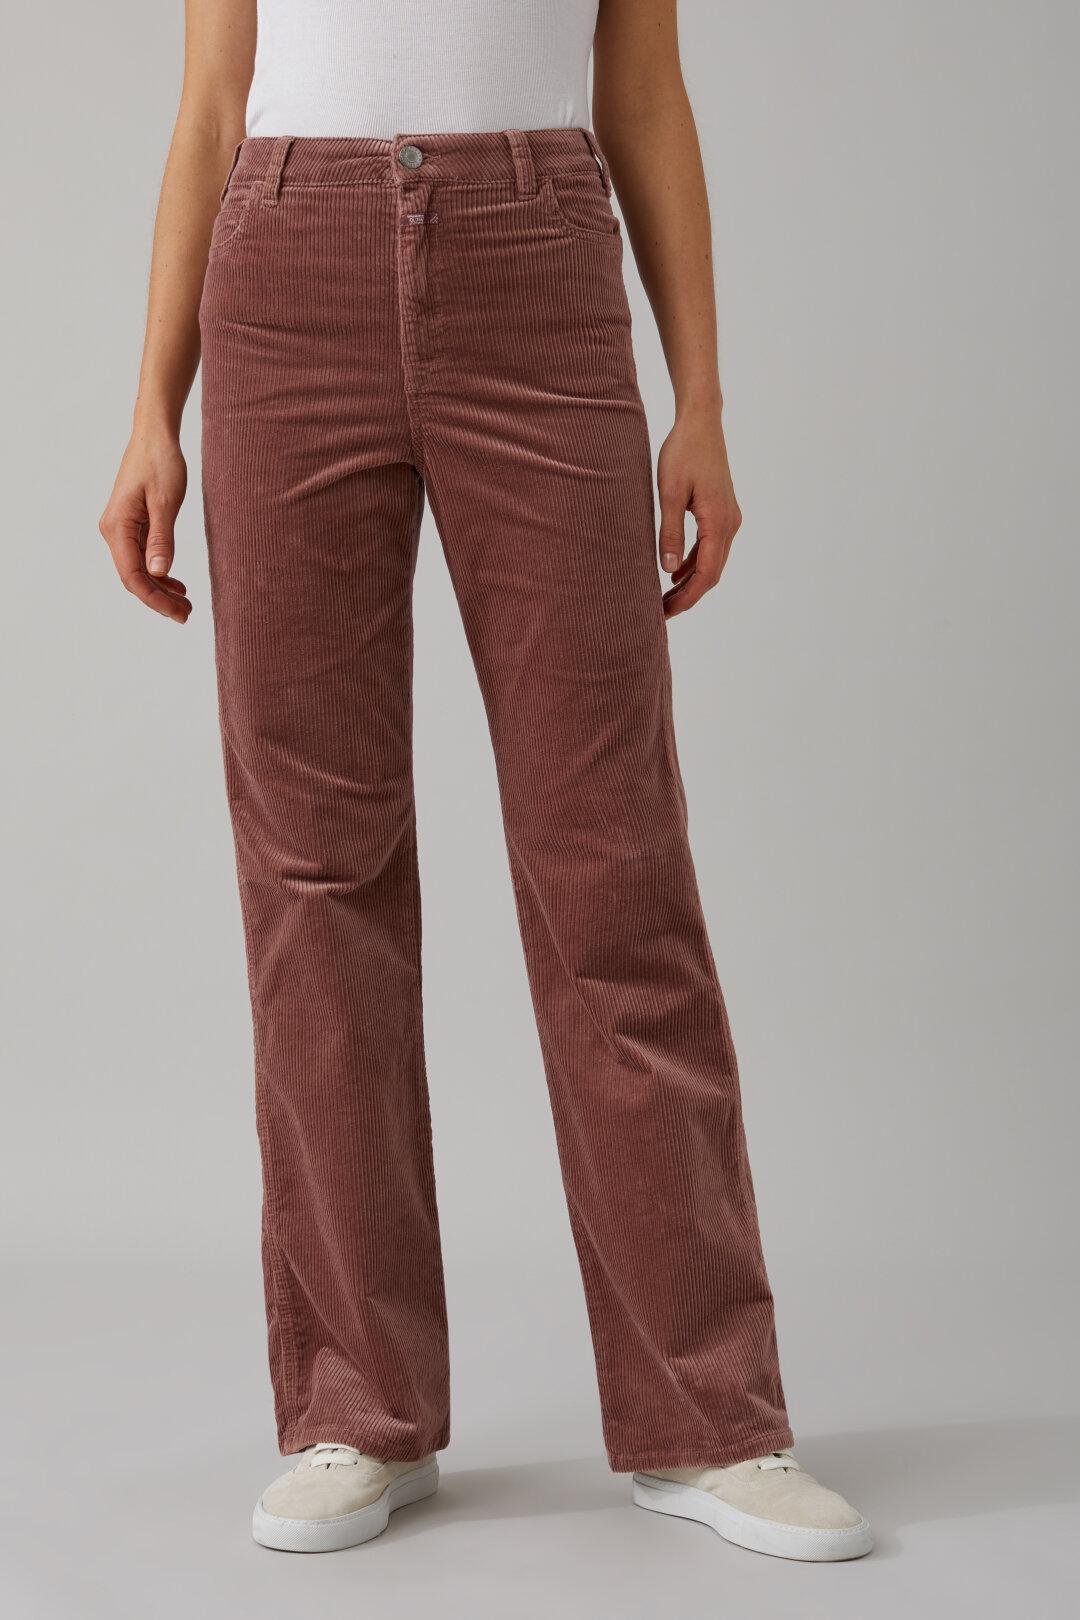 Corduroy Pants Kathy